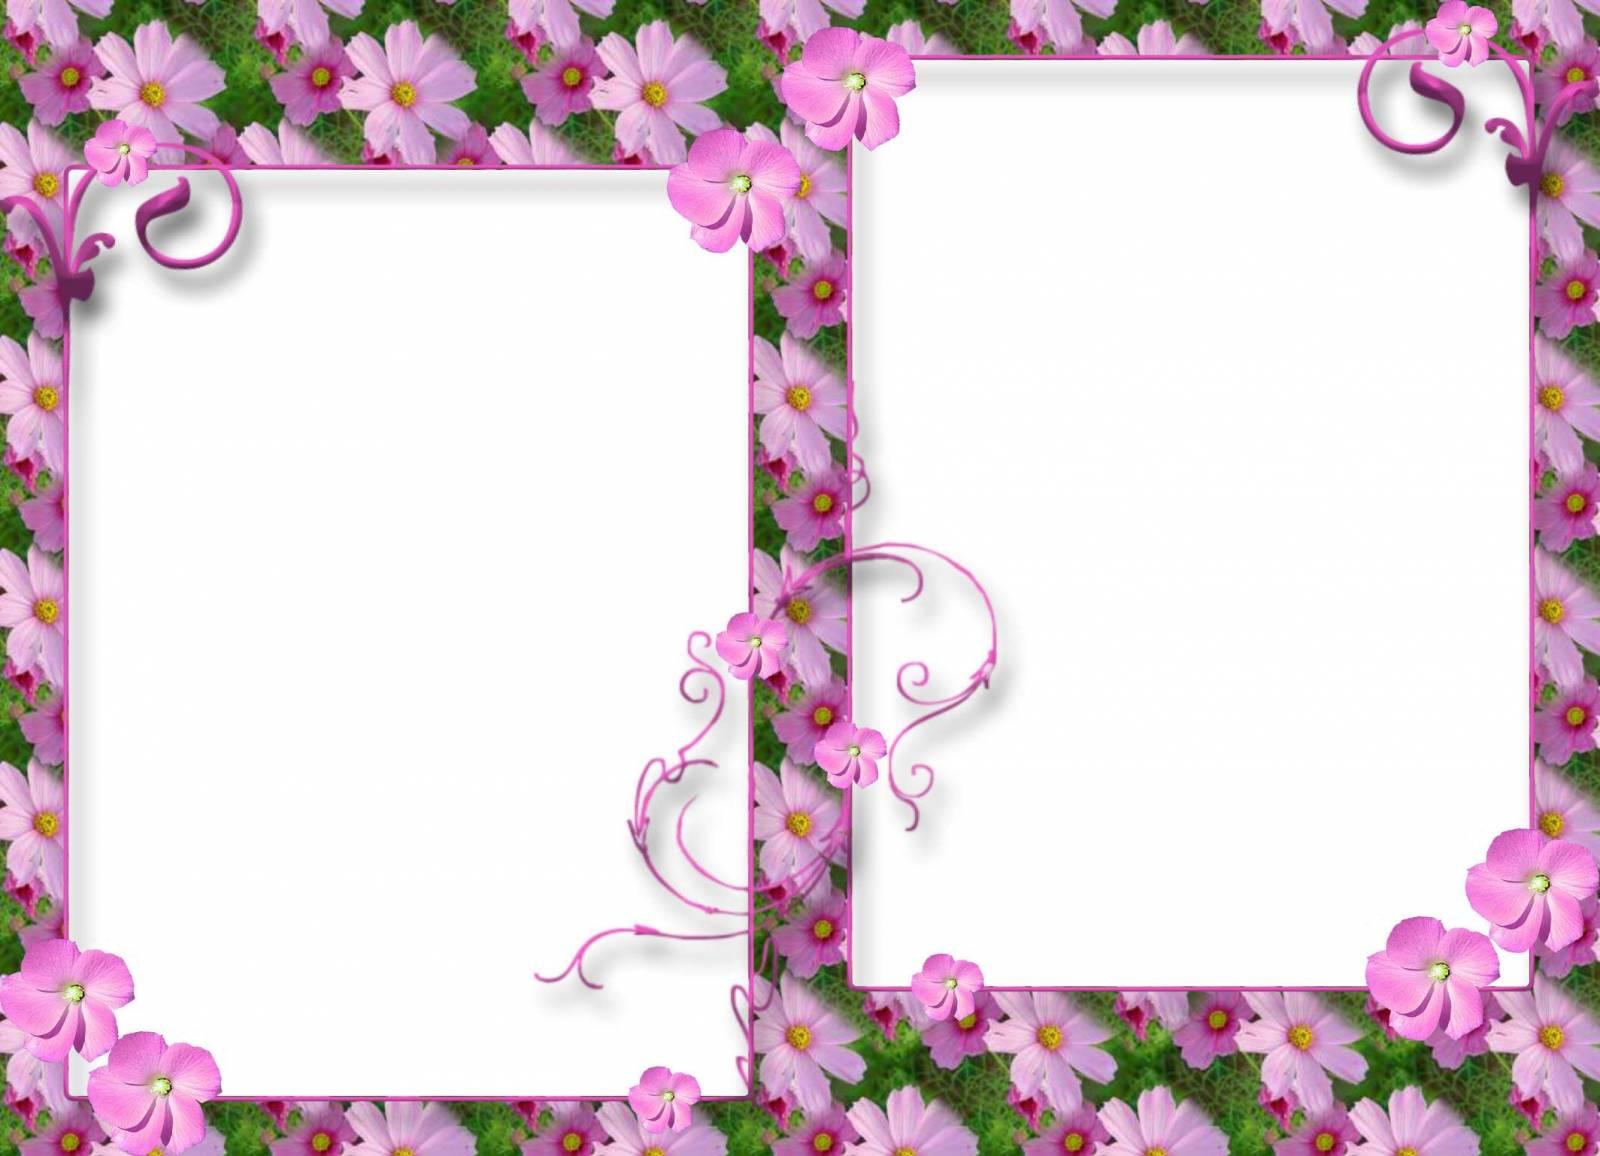 Рамки для фото разных цветов